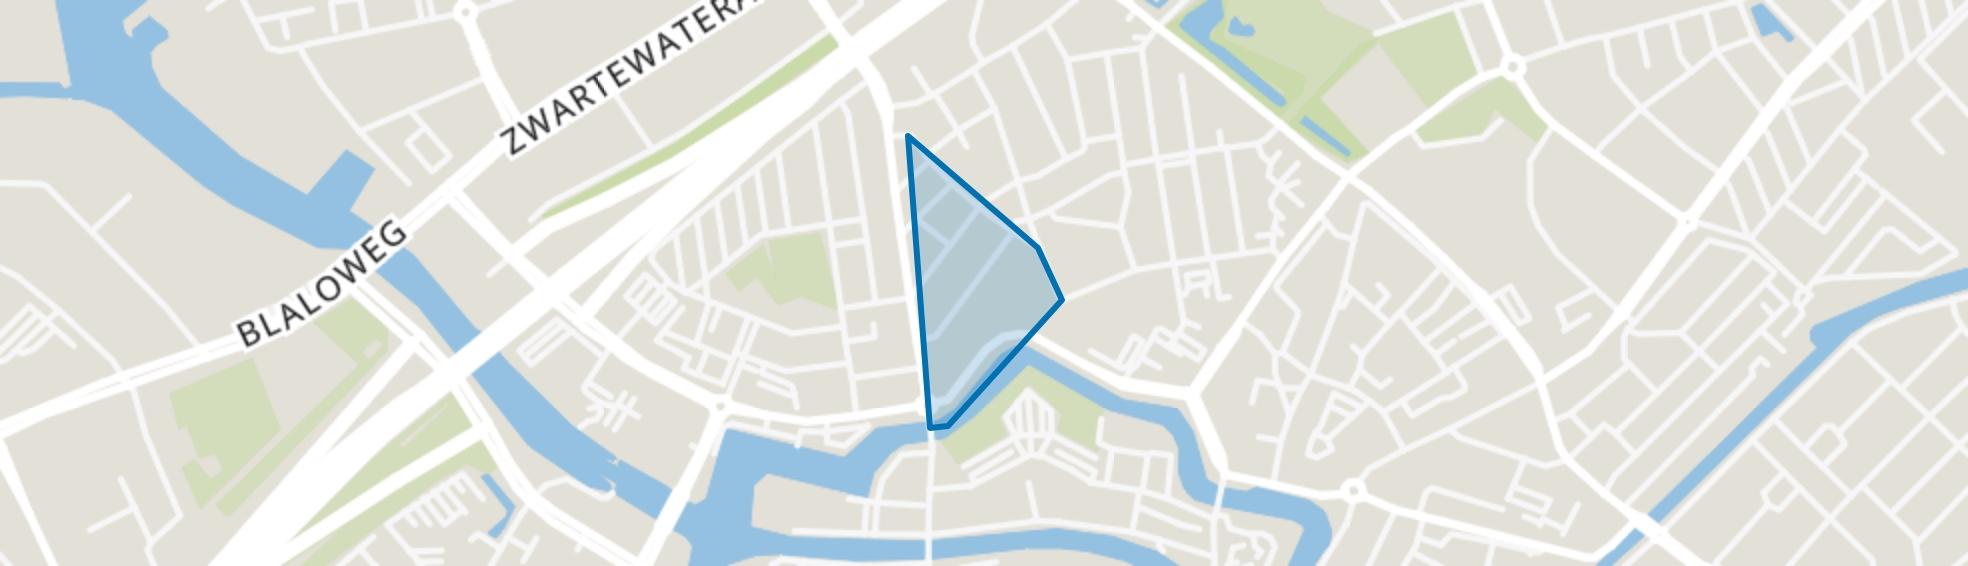 Schildersbuurt, Zwolle map